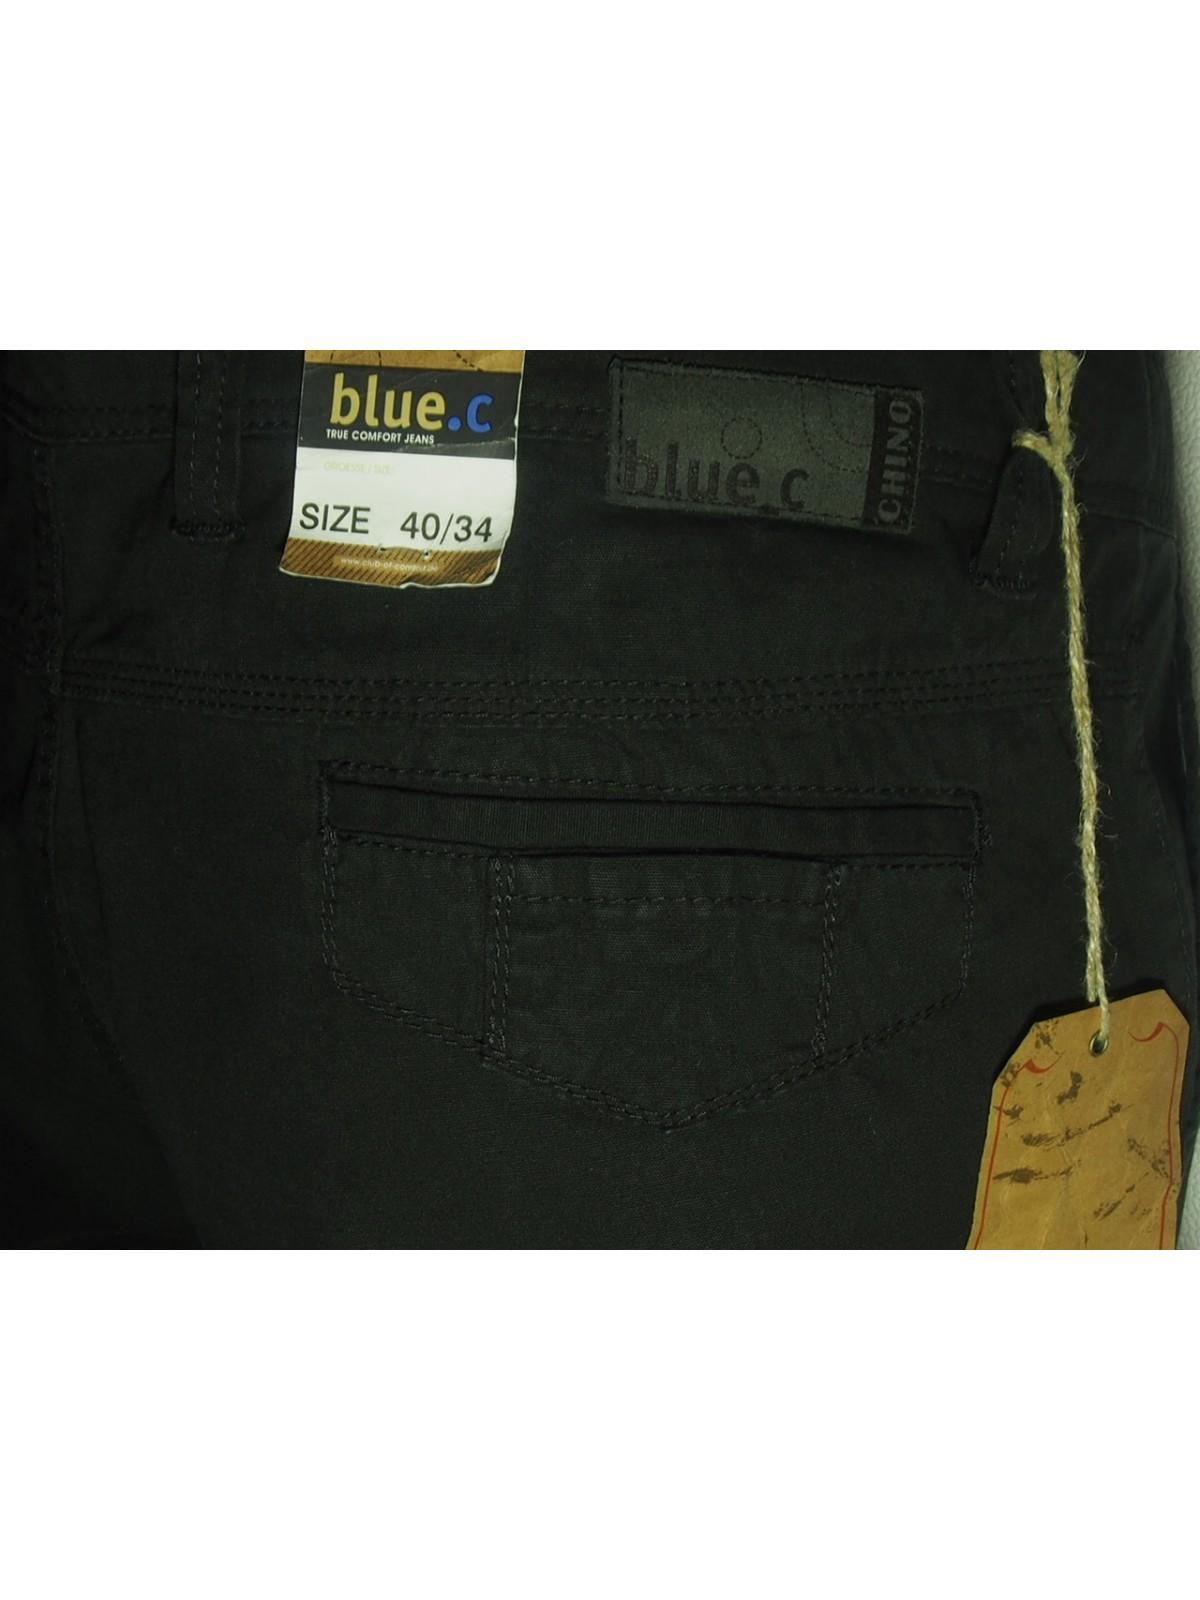 Брюки мужские Club of comfort (Blue.C) Carlos 5302 10